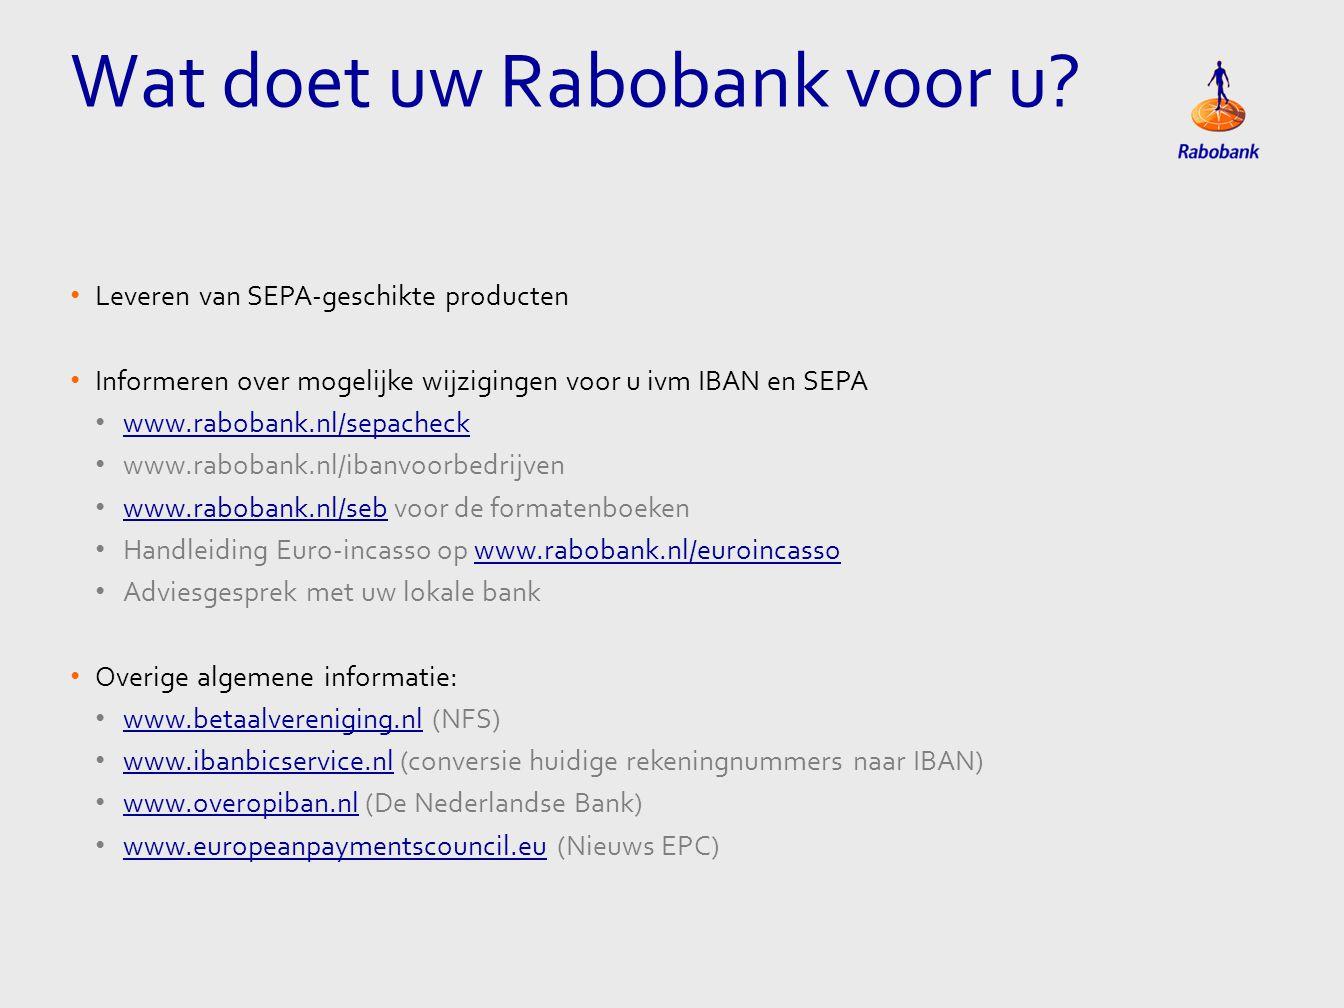 Wat doet uw Rabobank voor u